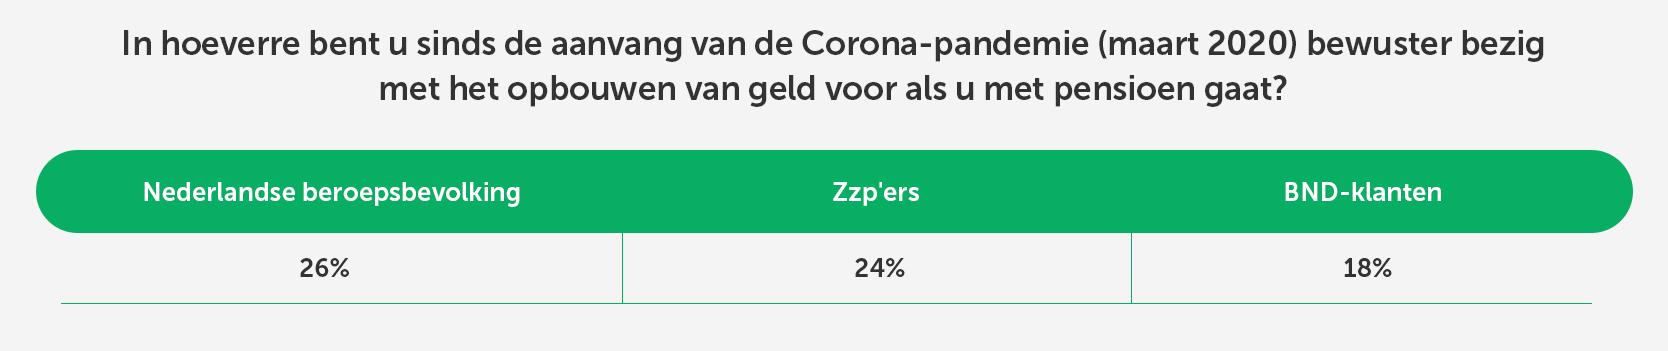 Invloed coronacrisis op inkomen Nederlanders